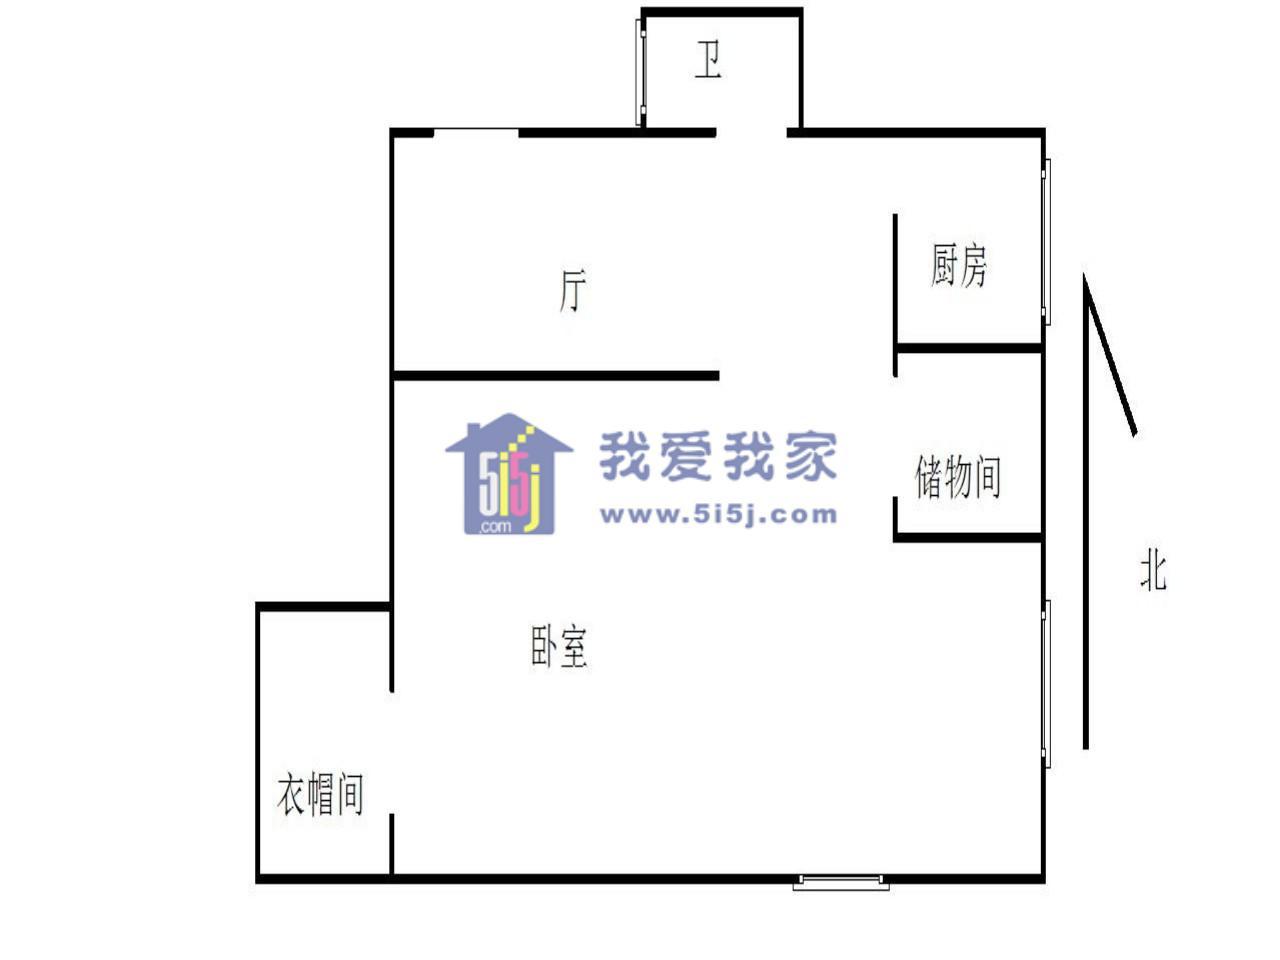 玄武区后宰门后宰门街32号1室1厅户型图